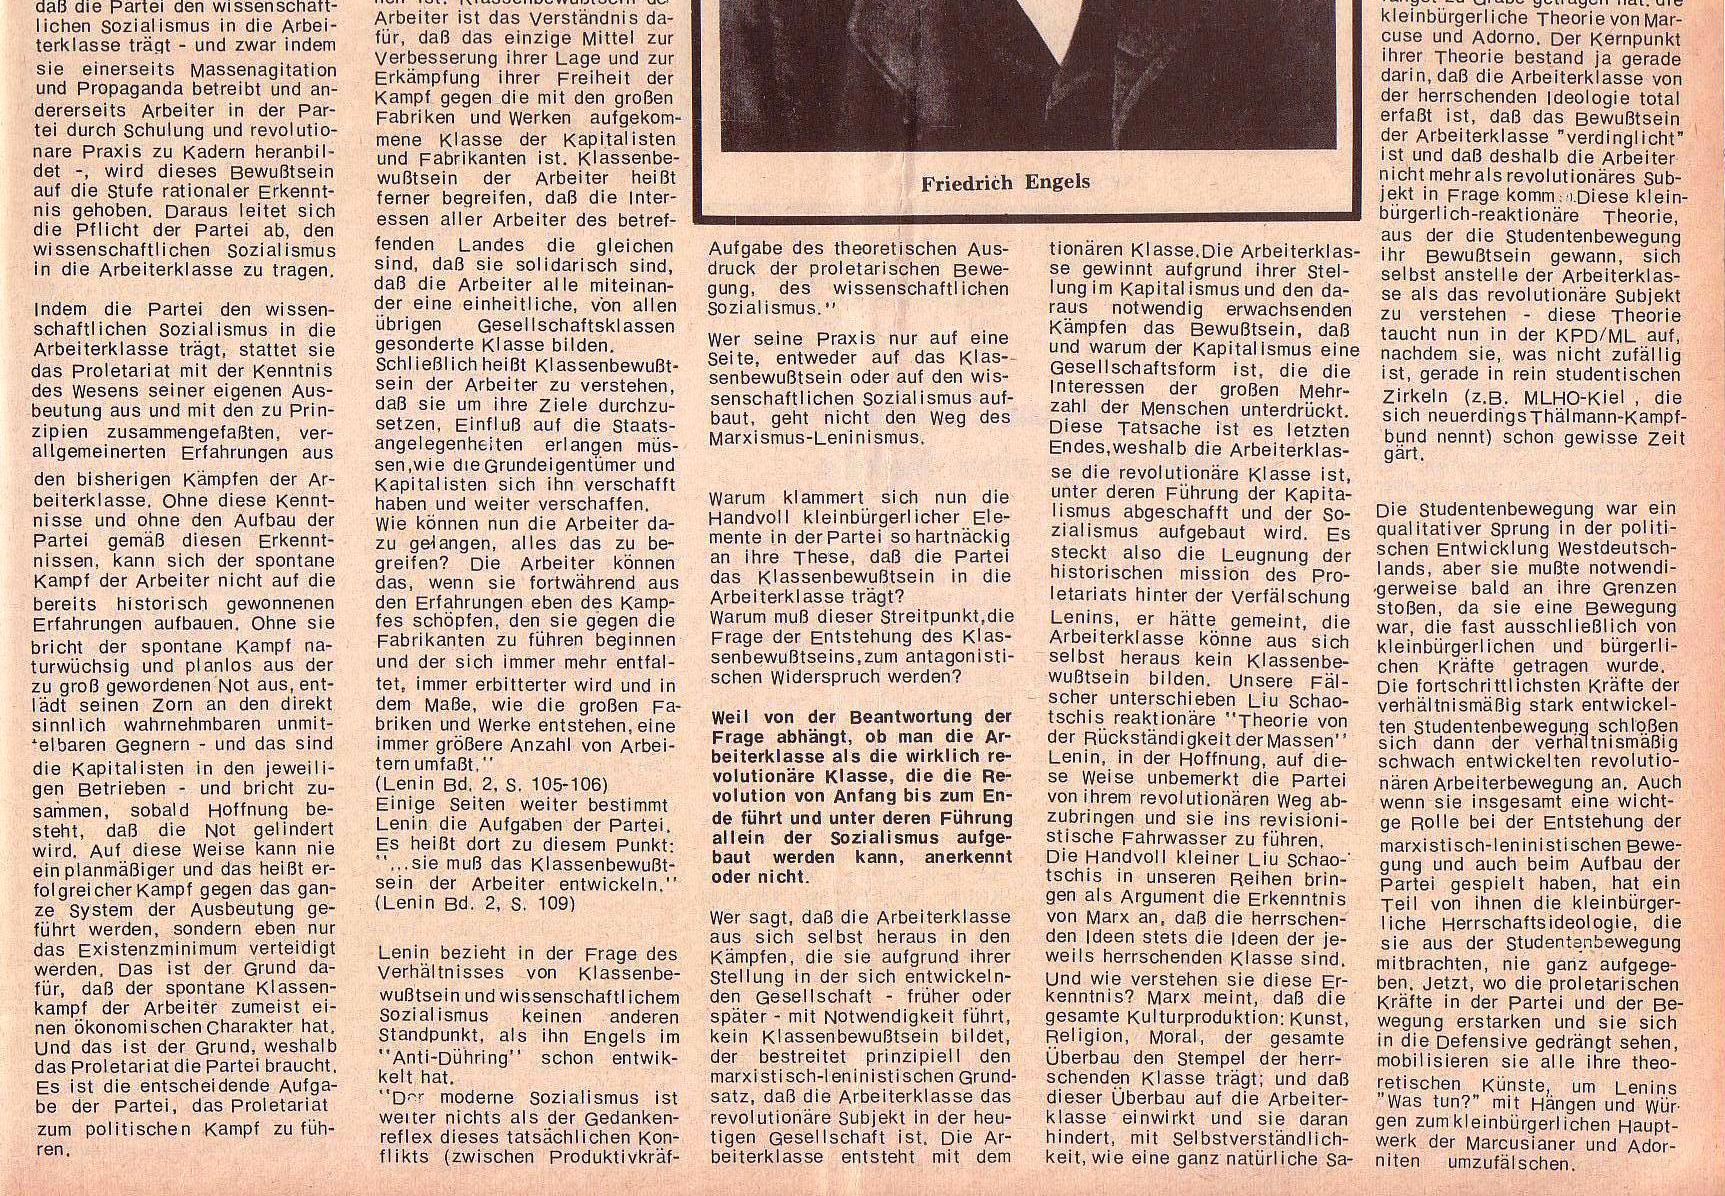 Roter Morgen, 5. Jg., 27. Dezember 1971, Sondernummer, Seite 3b